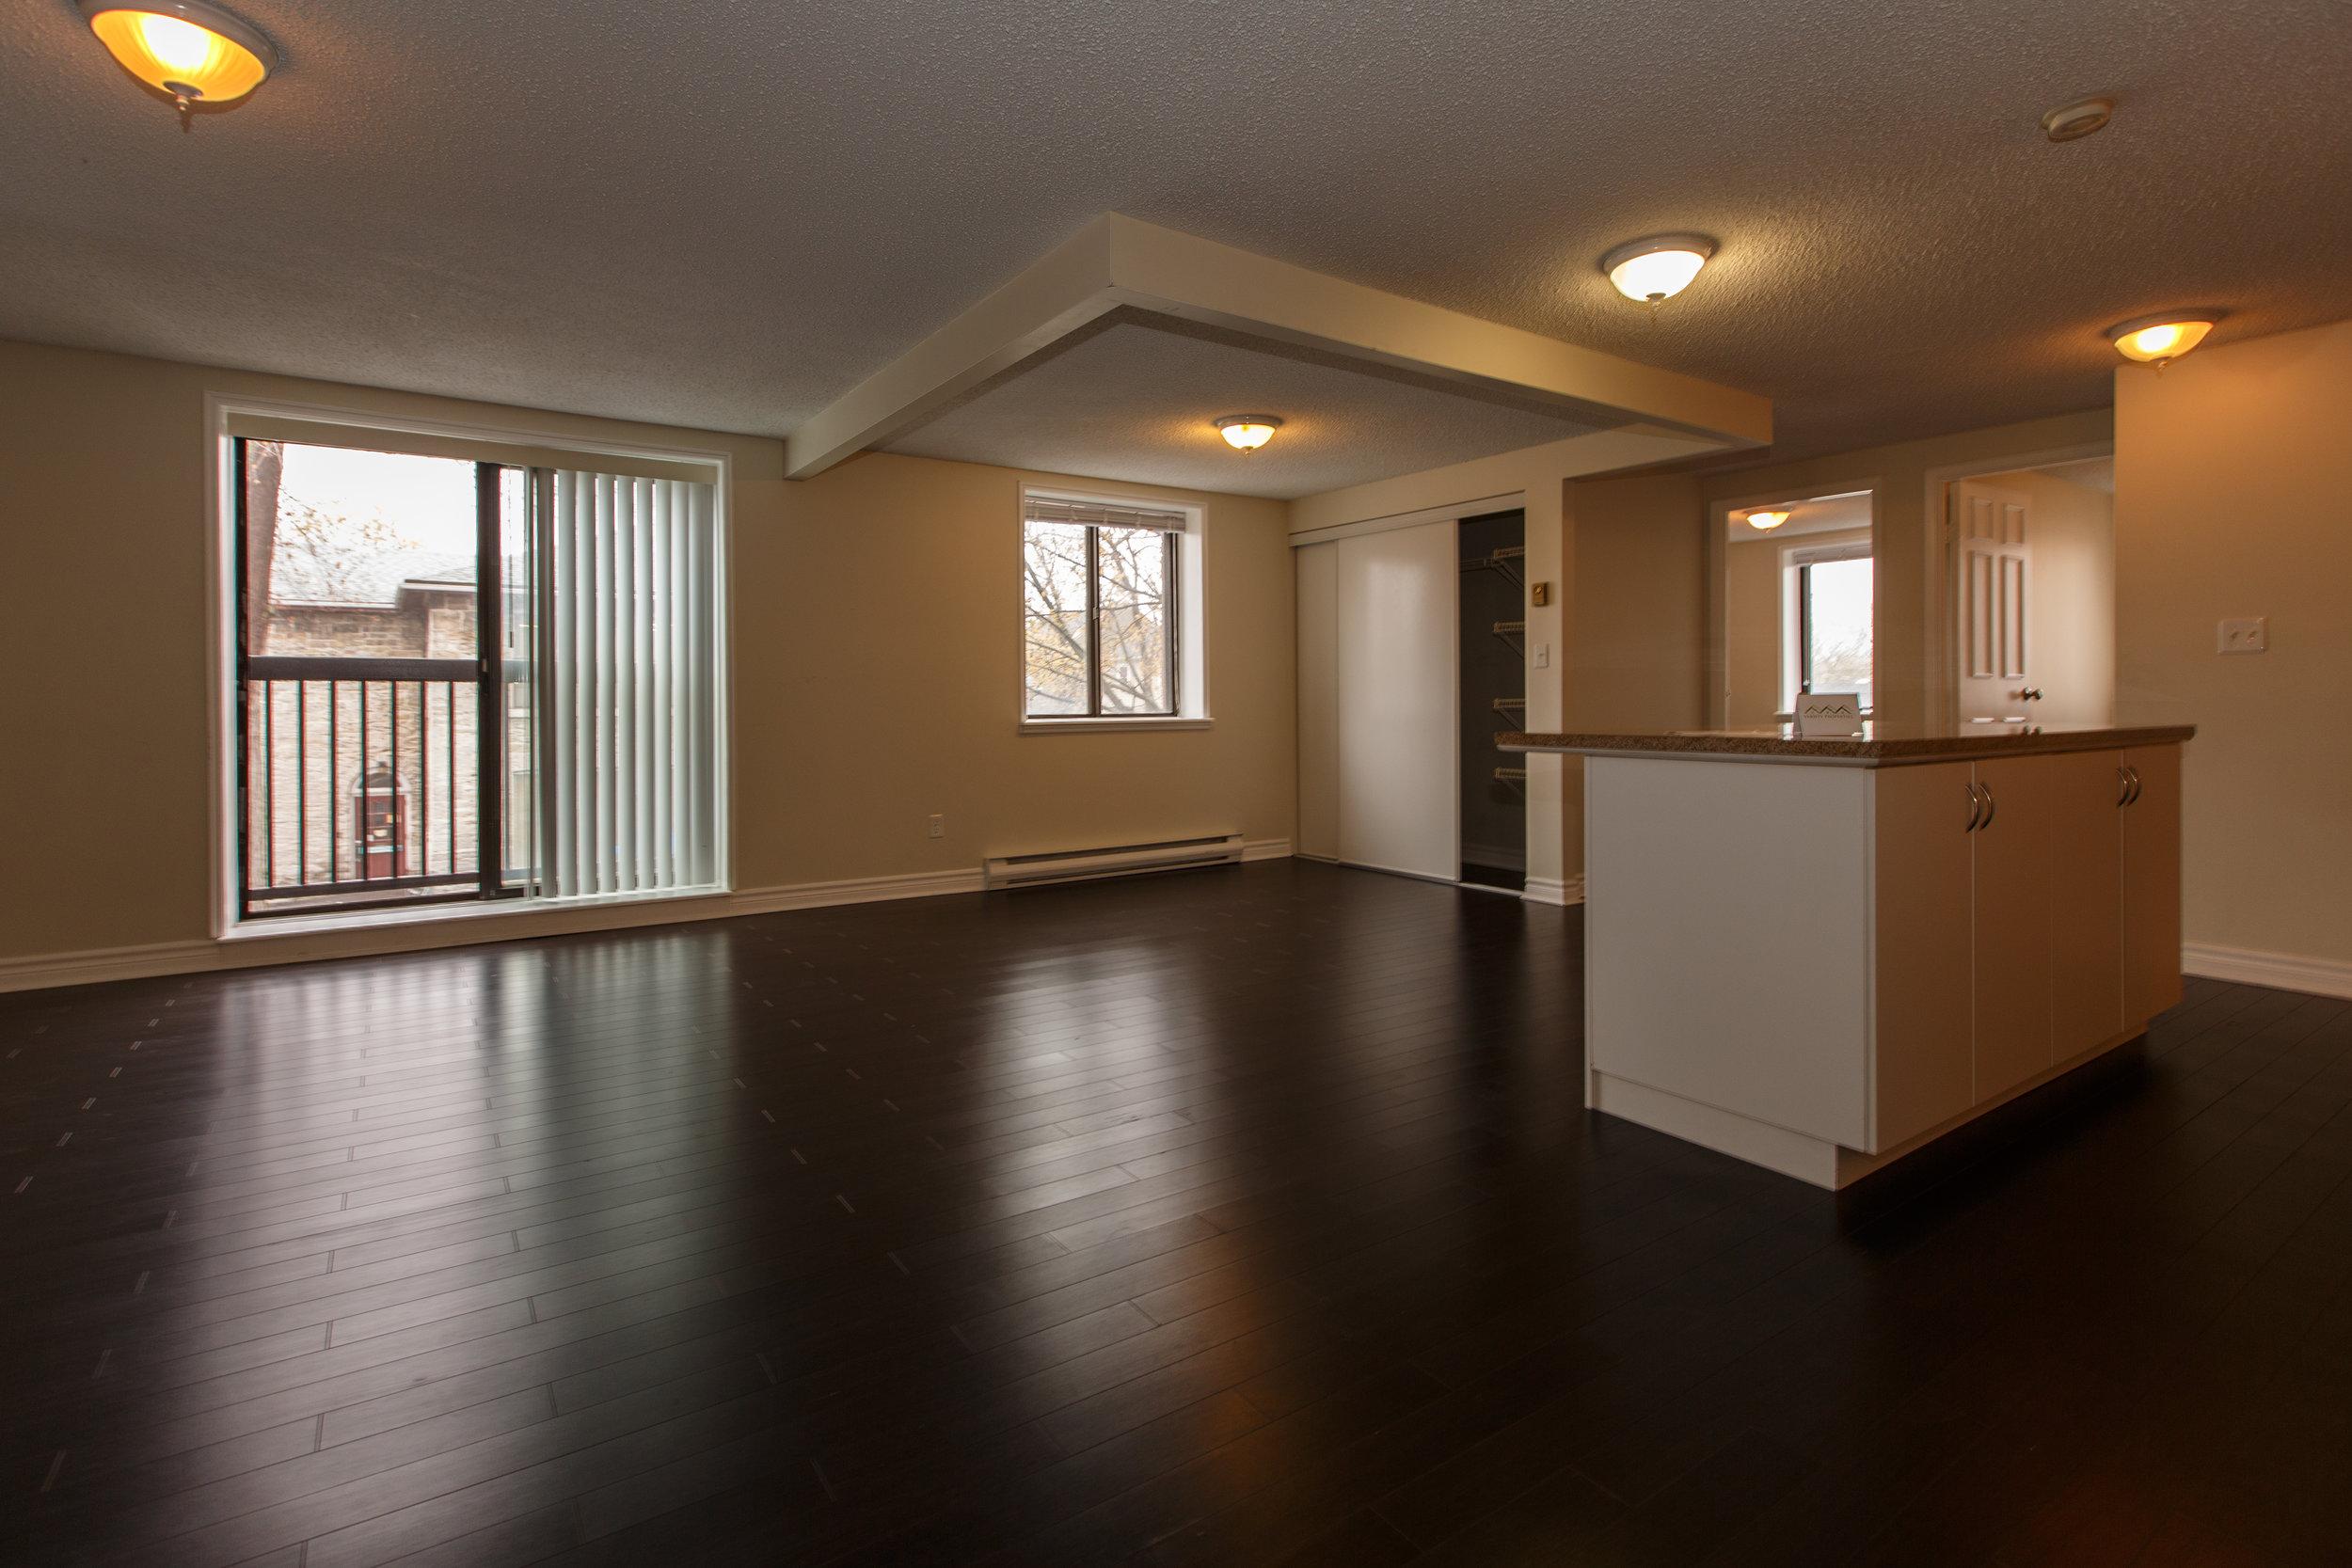 311 Queen St. _u007c_ Front Hallway, looking towards open concept living room and kitchen.jpg